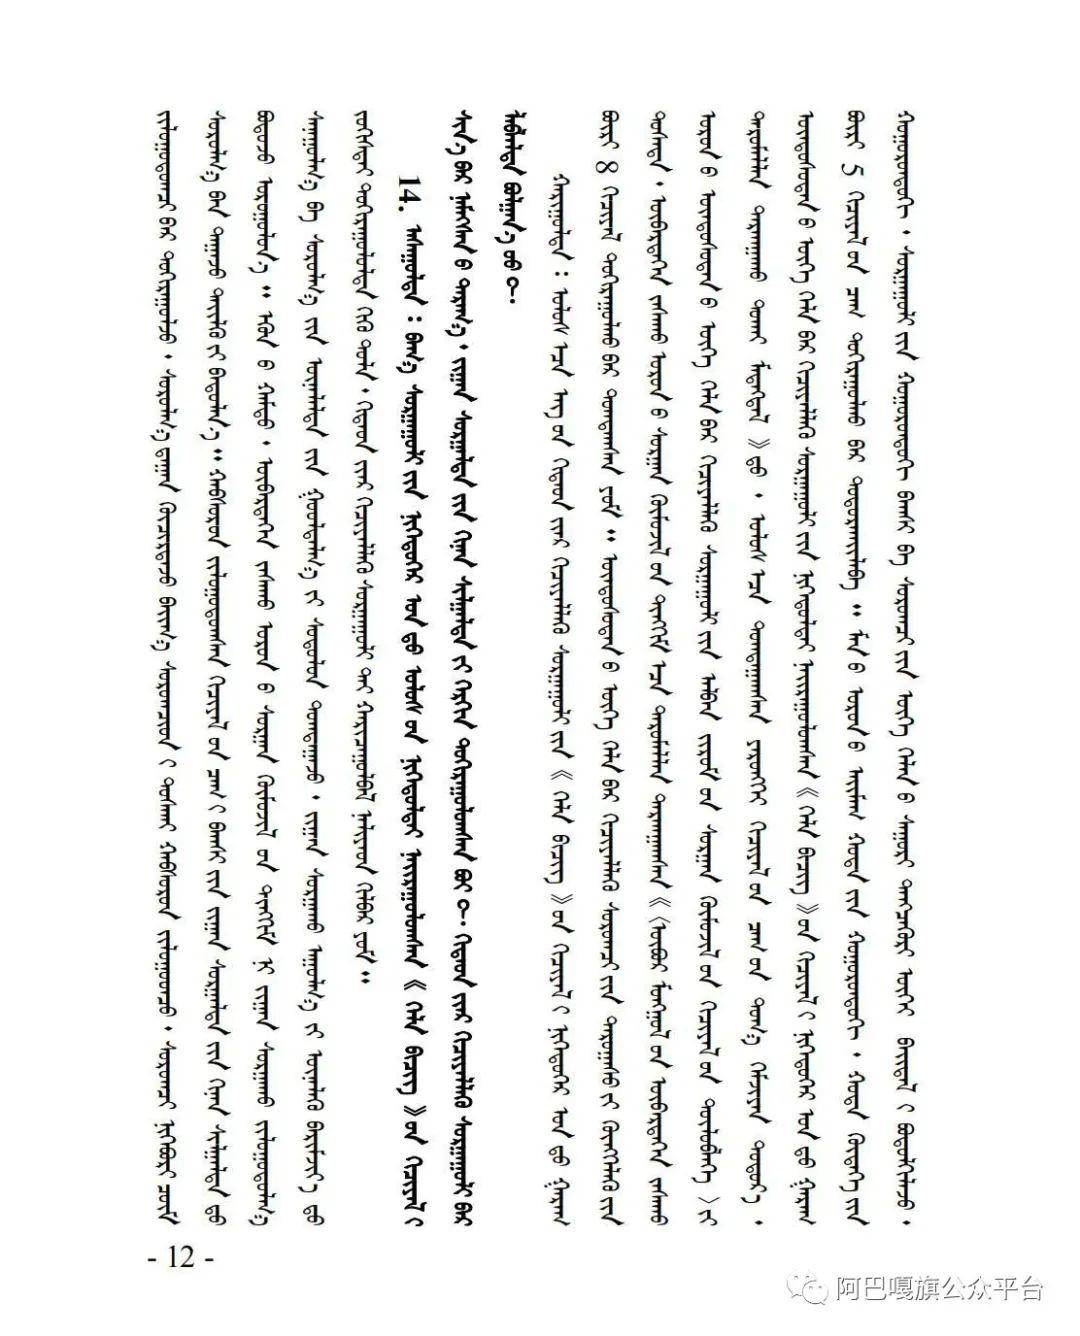 """锡林郭勒盟使用国家统编教材""""有问必答""""(第一期)(蒙汉文) 第12张 锡林郭勒盟使用国家统编教材""""有问必答""""(第一期)(蒙汉文) 蒙古文库"""